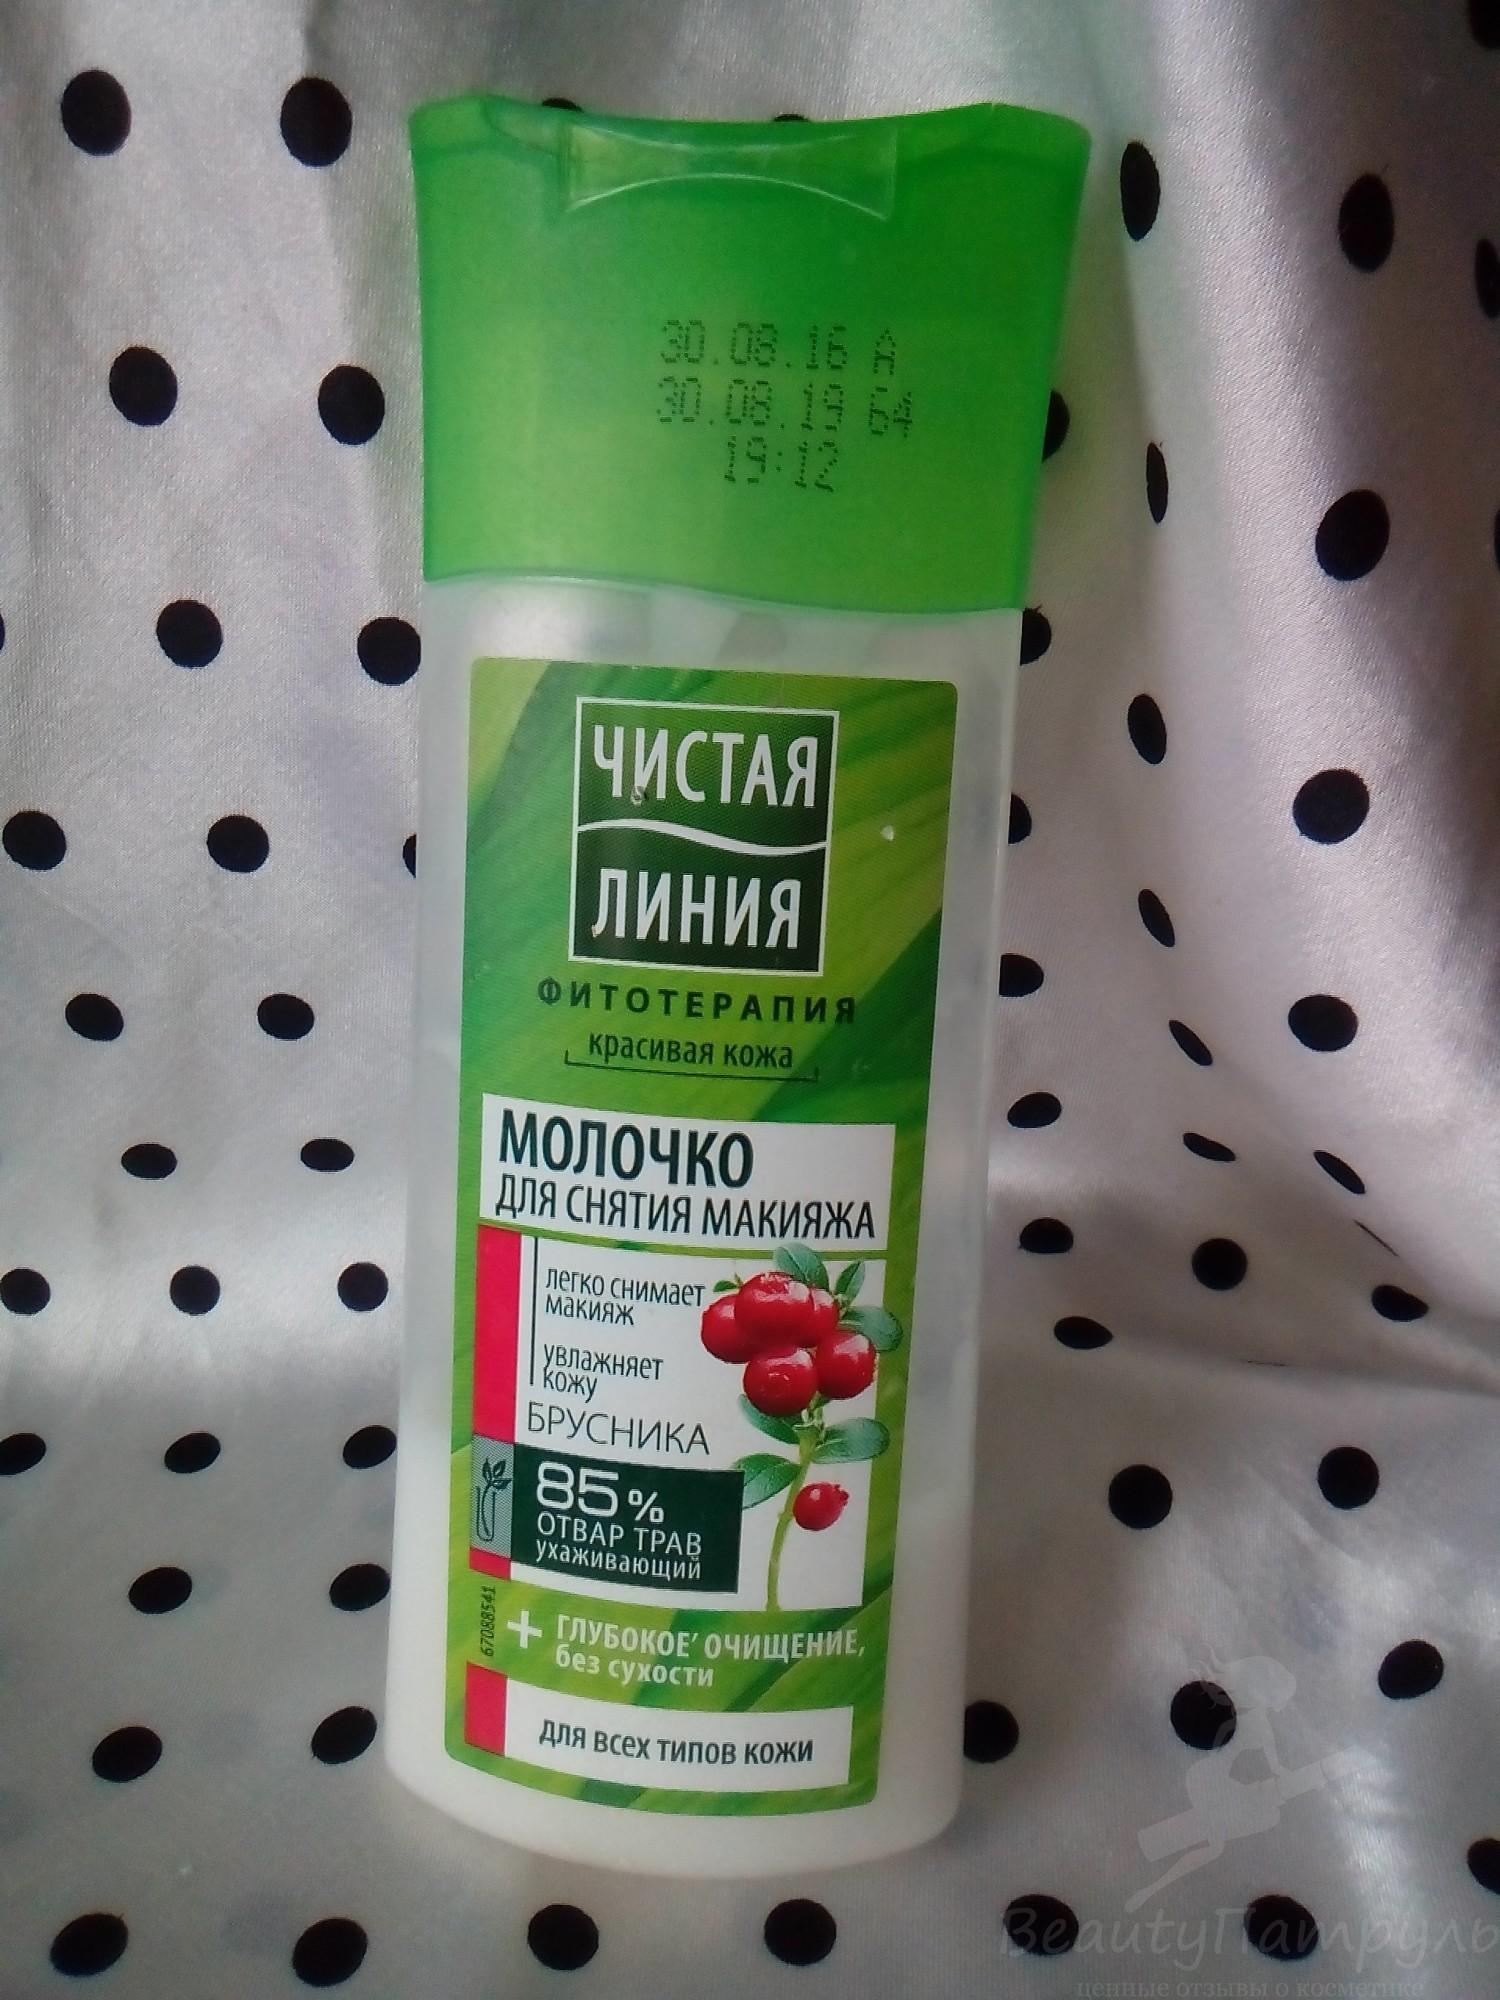 Молочко очищающее для снятия макияжа new line